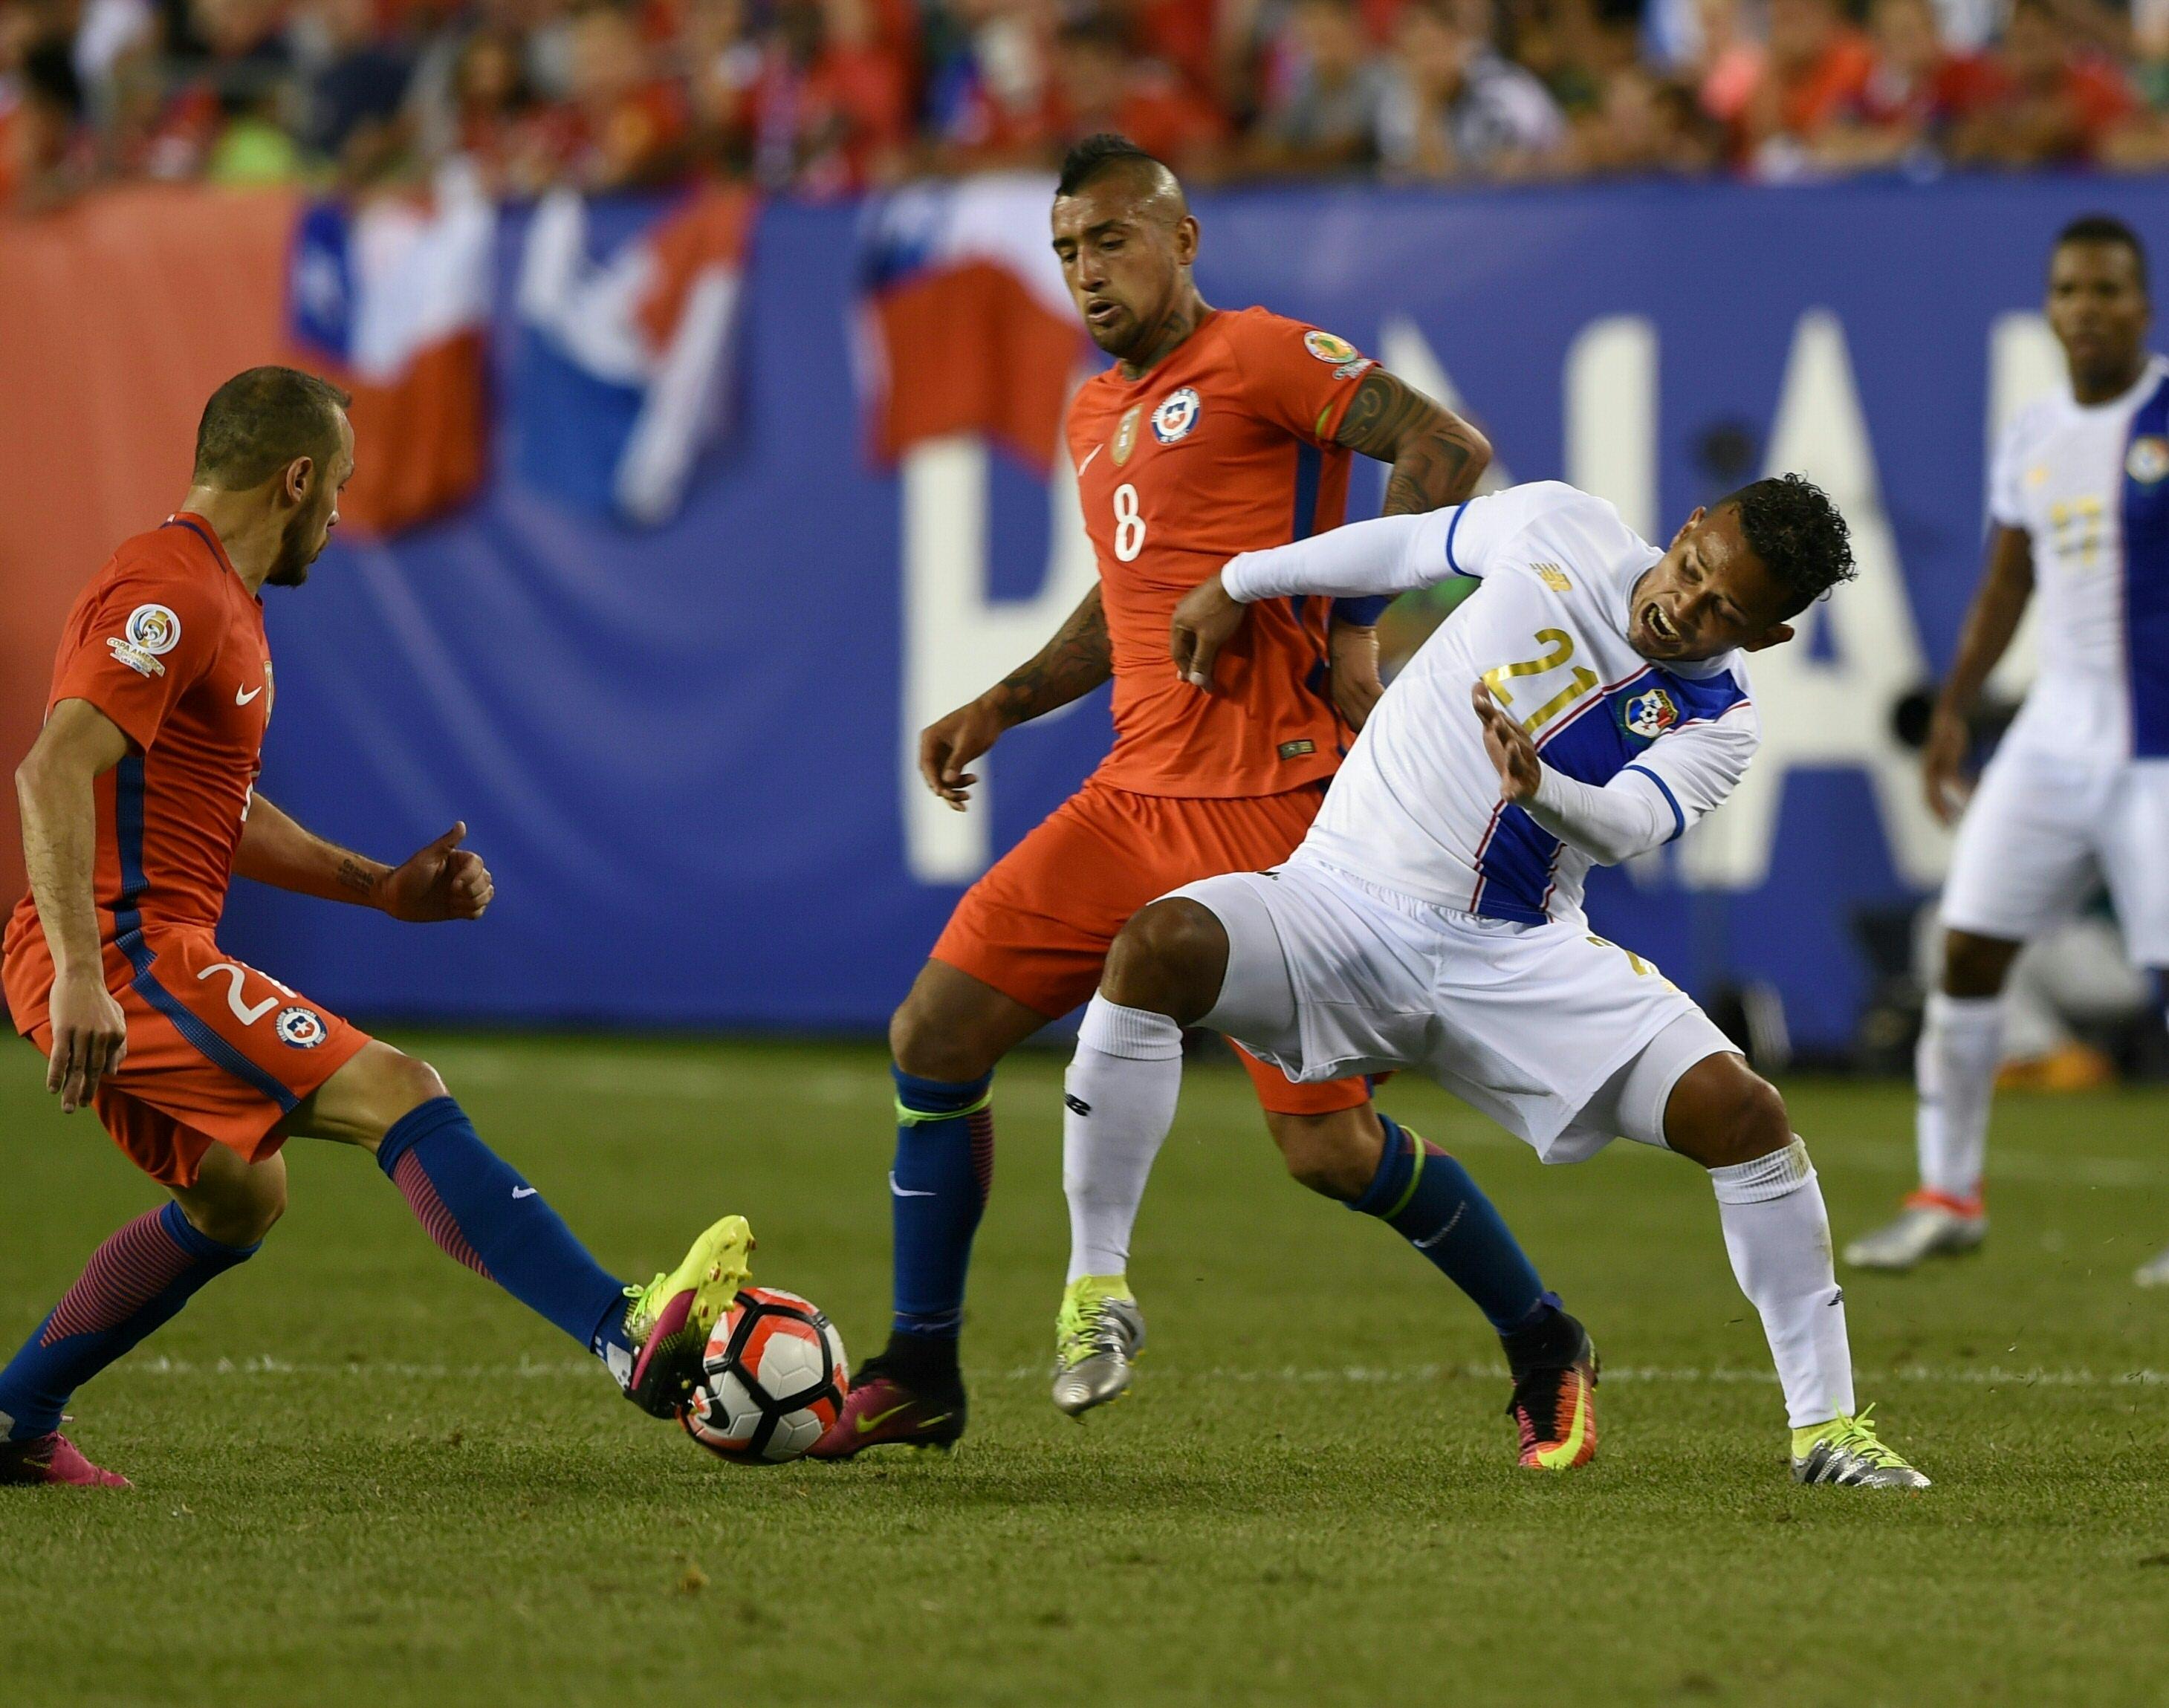 Vor seinem Haus: Fußballnationalspieler Henríquez erschossen